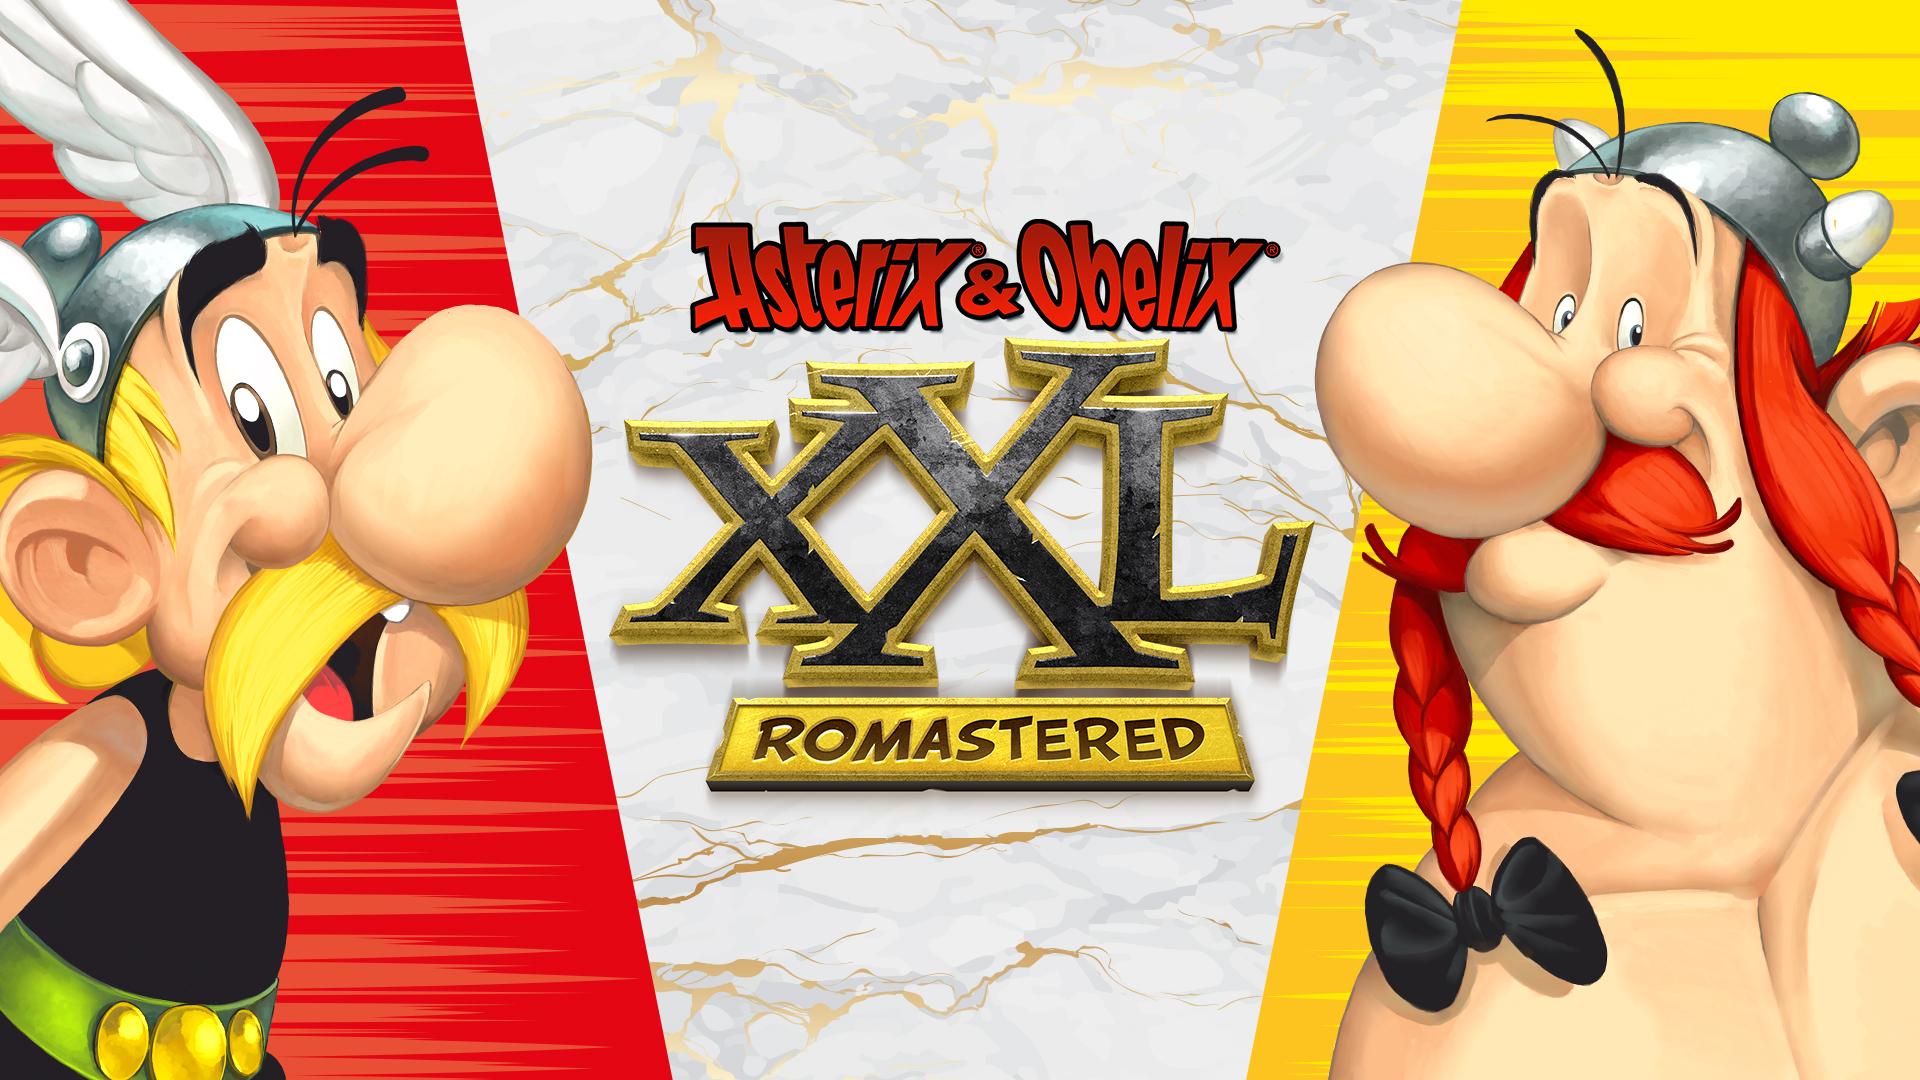 Asterix & Obelix XXL Romastered Key Art